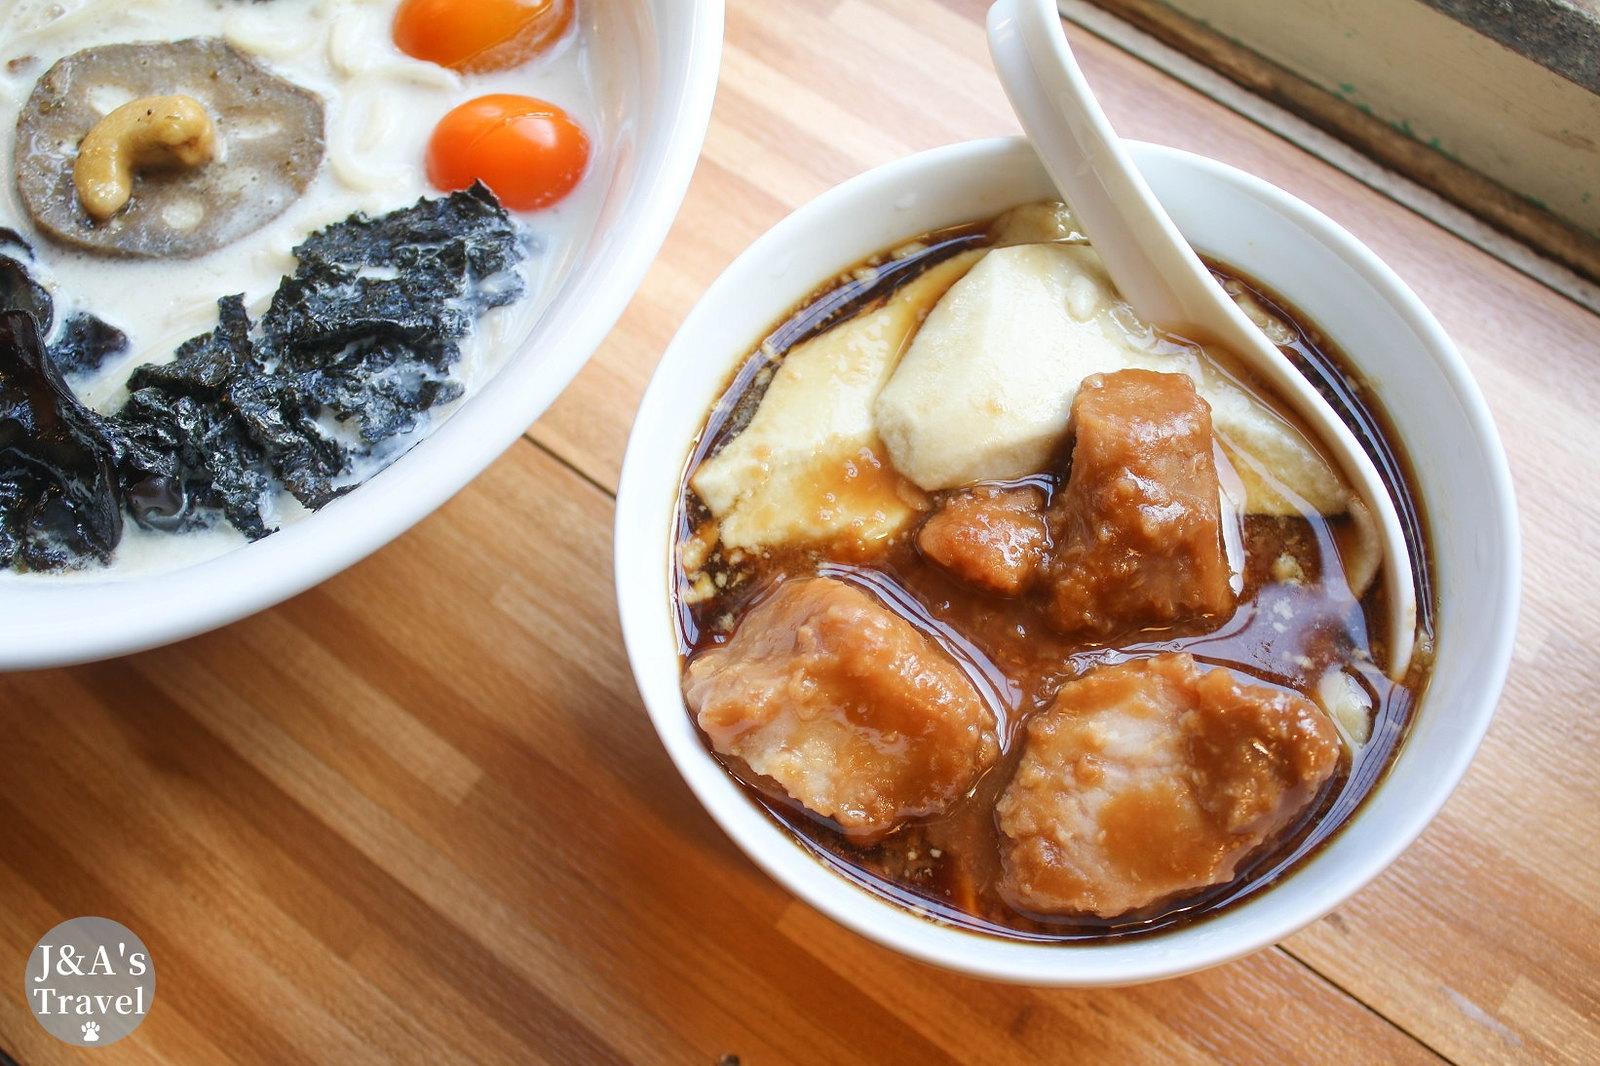 最新推播訊息:黑糖湯底的蜜芋頭豆花,味道濃郁好吃!